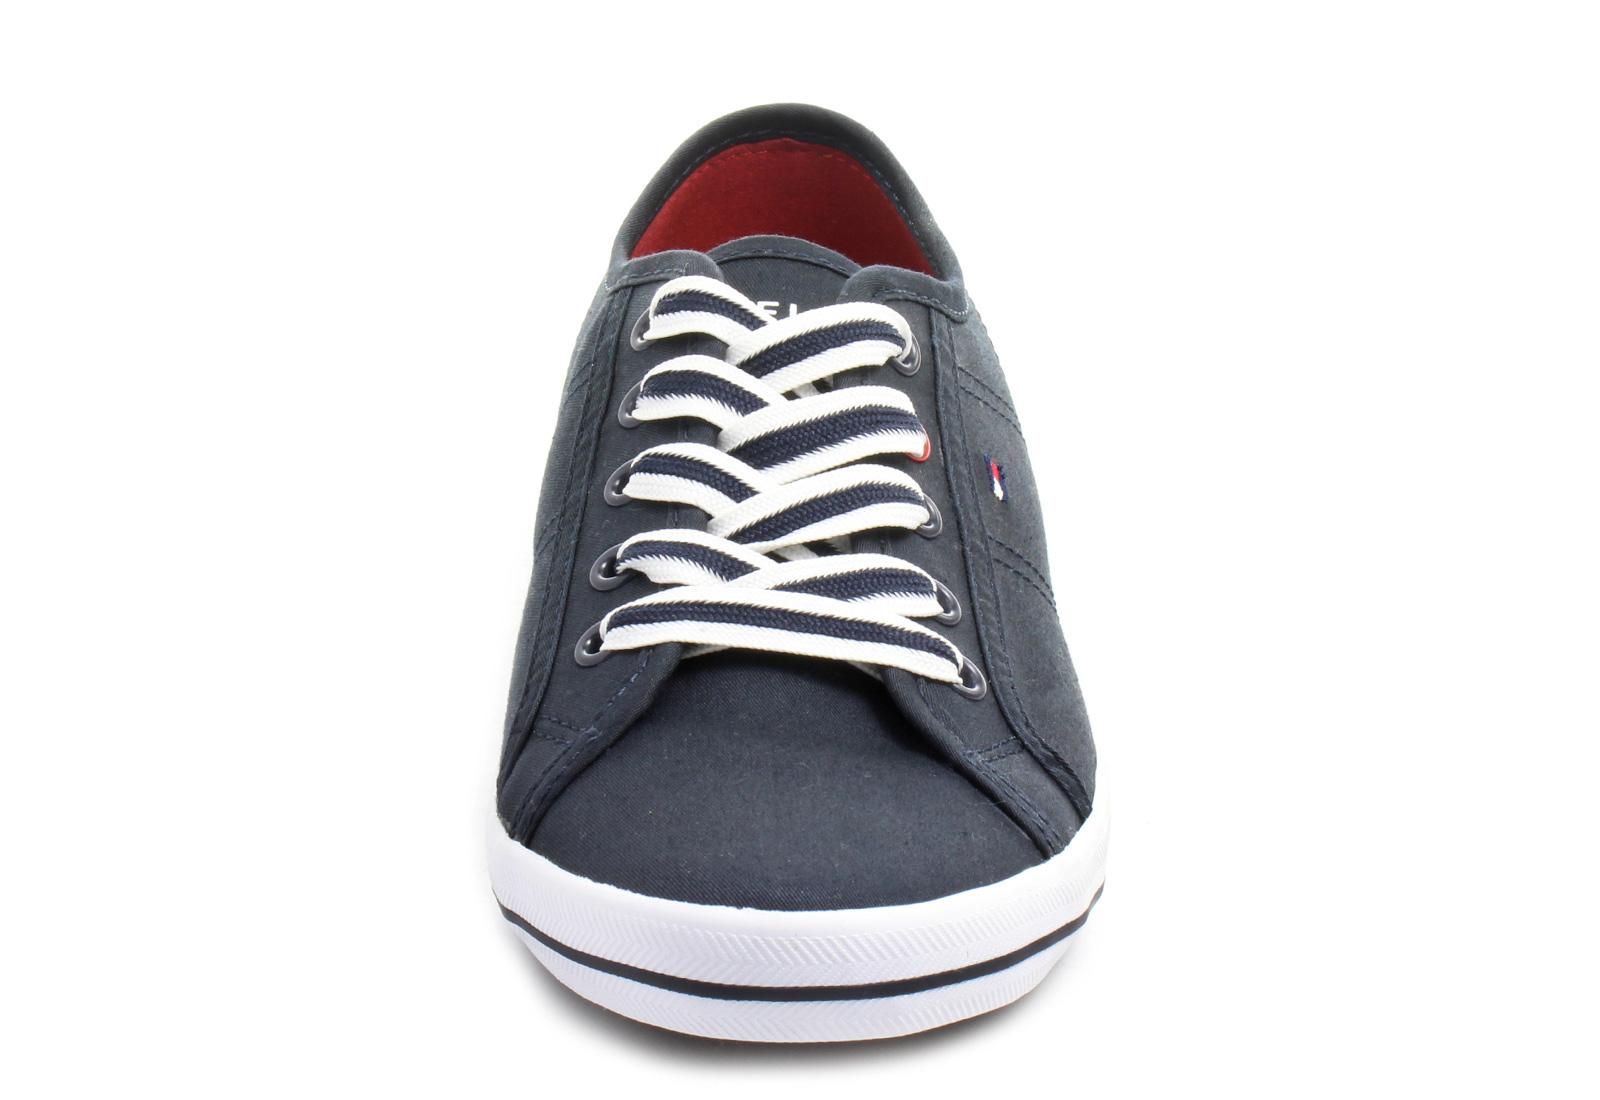 tommy hilfiger shoes victoria 2d 15s 9051 403 online shop for. Black Bedroom Furniture Sets. Home Design Ideas